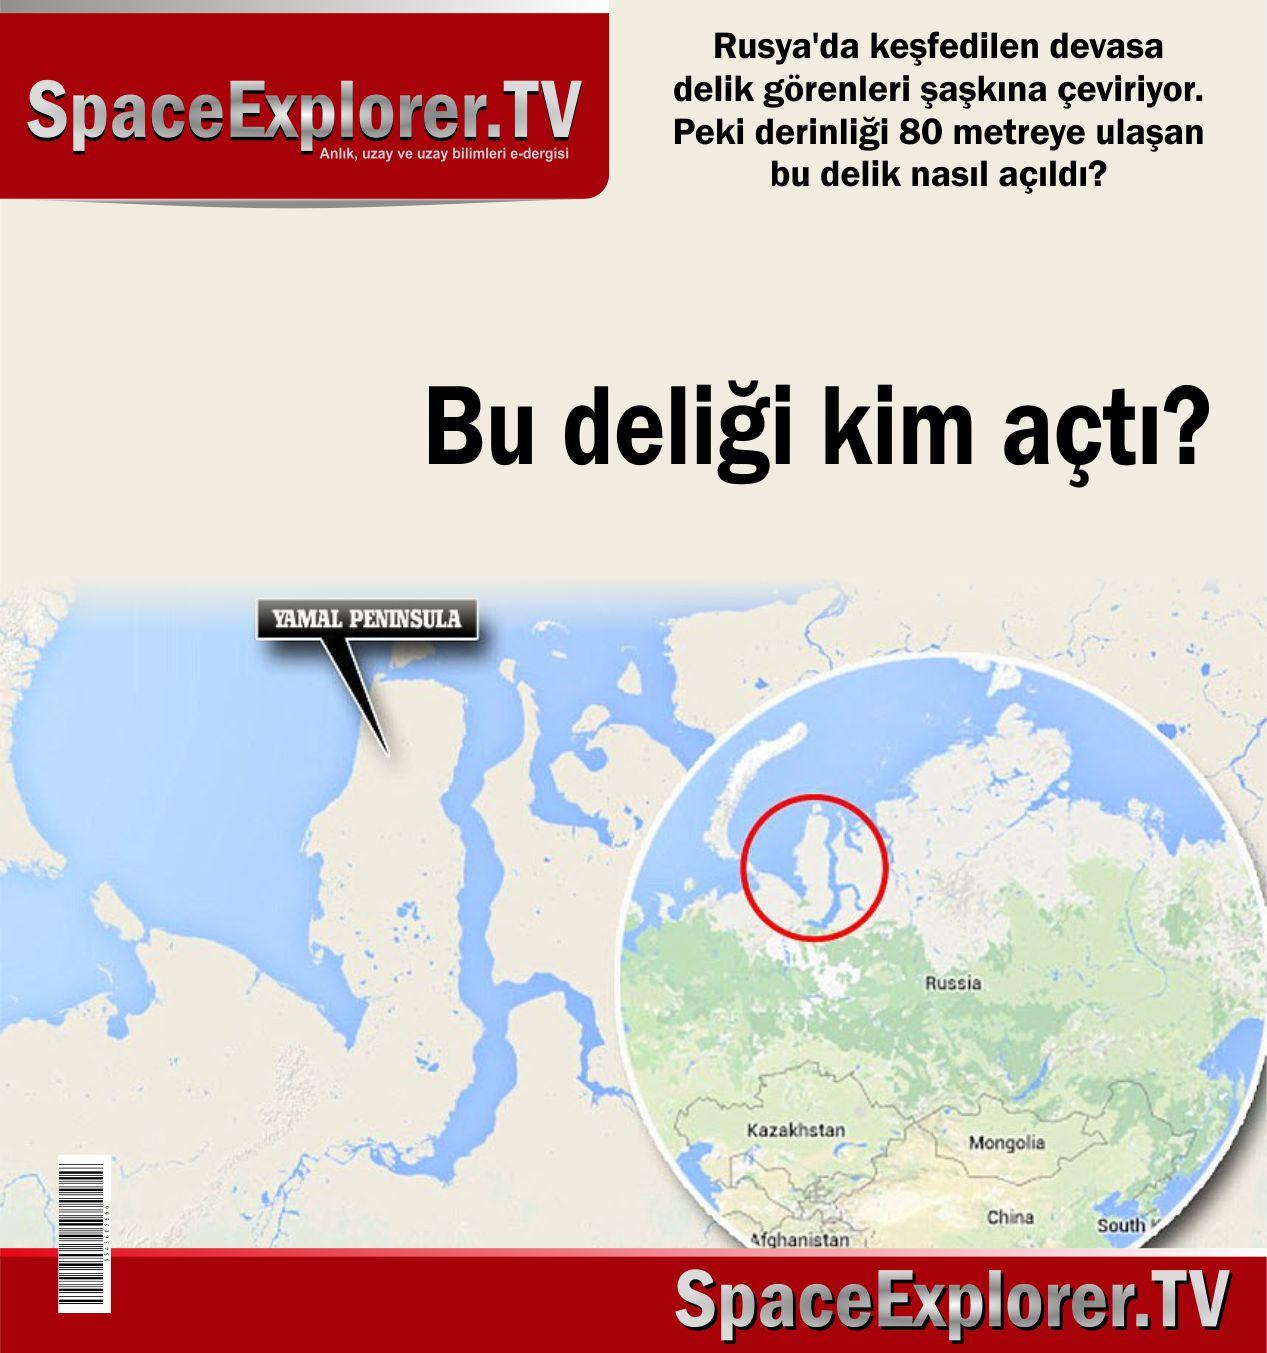 Rusya, Dünyadaki uzaylı izleri, Açıklanamayan olaylar, Rusya'daki delik, UFO, UFO'lar gerçek mi?, Space Explorer, Gök taşları,